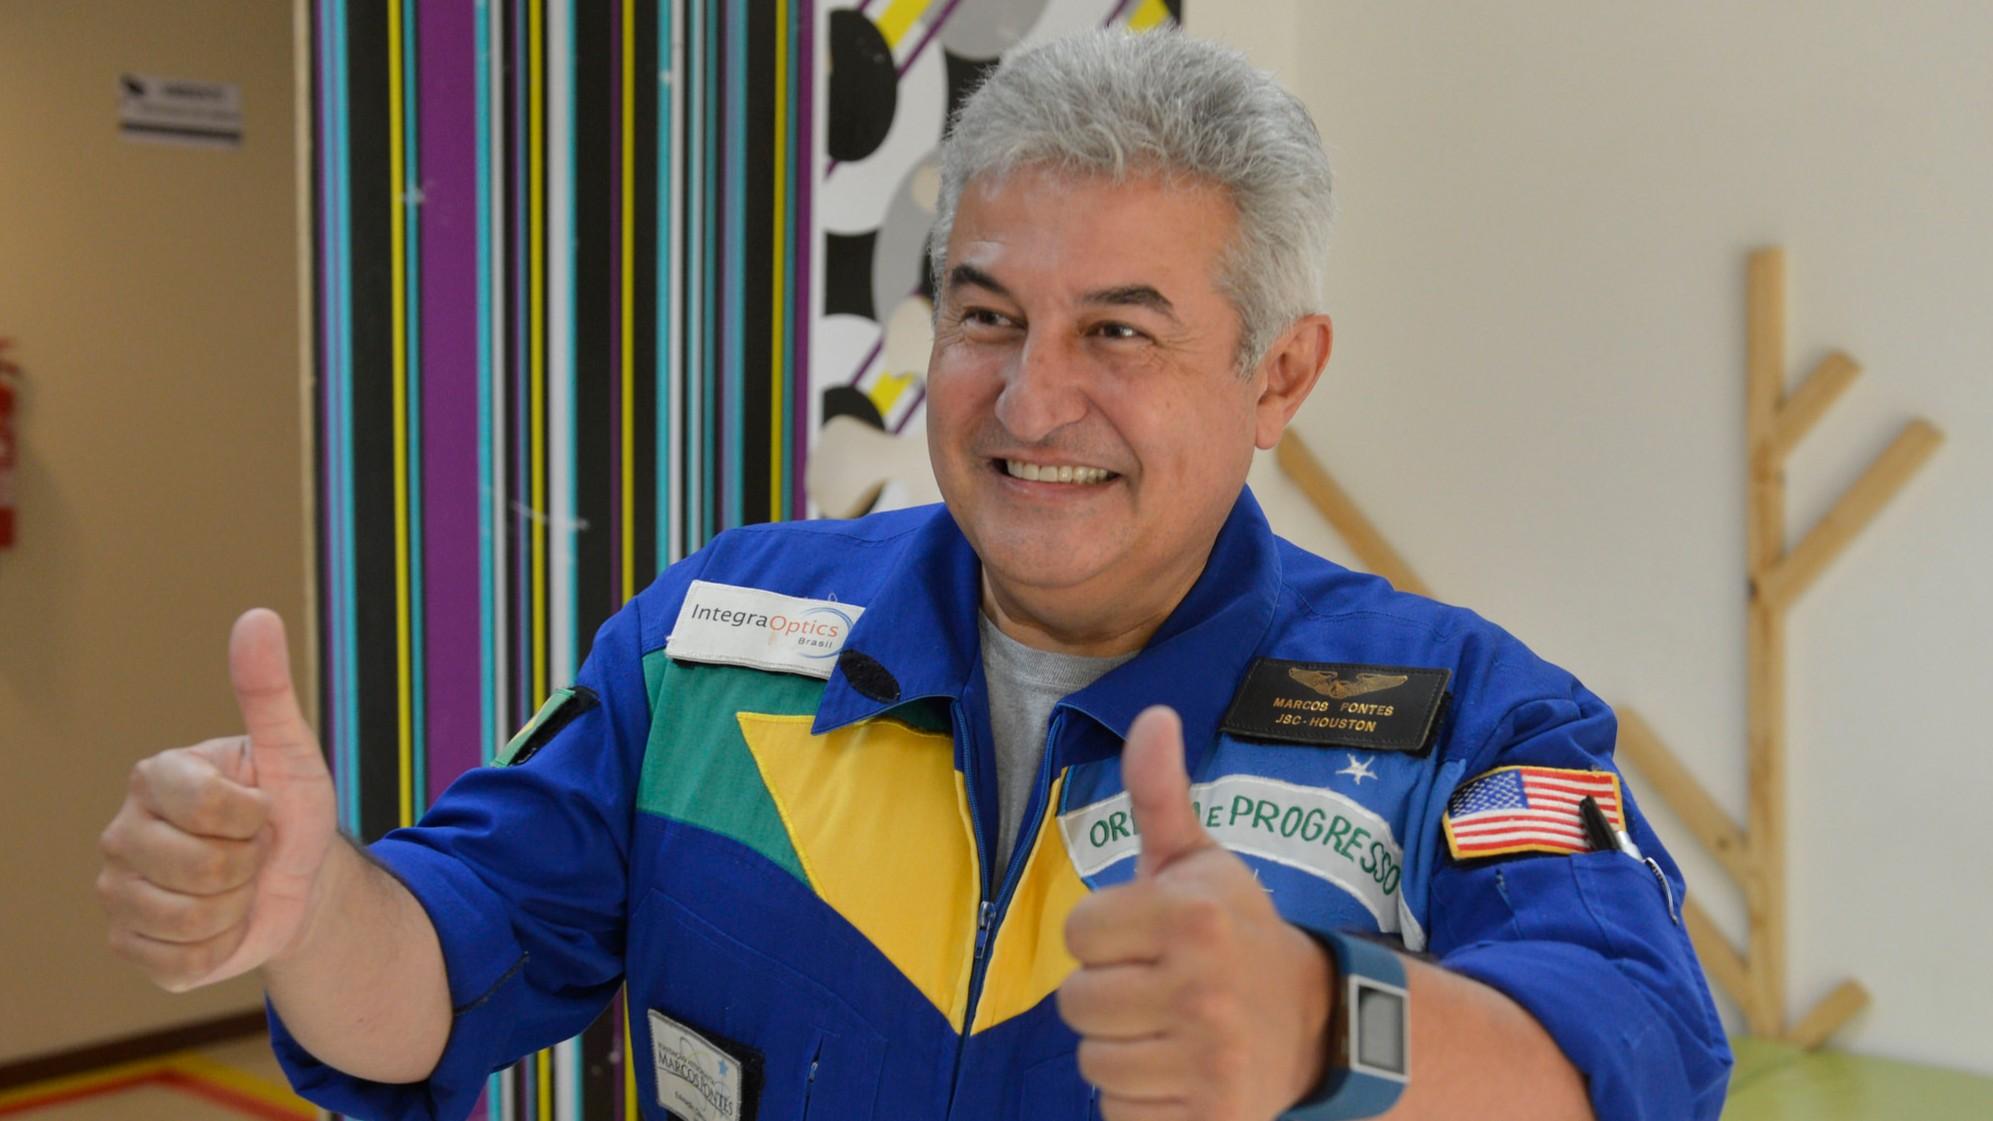 O SENAI foi a pista de onde eu decolei para realizar meus sonhos, diz astronauta Marcos Pontes, que também estudou no SESI